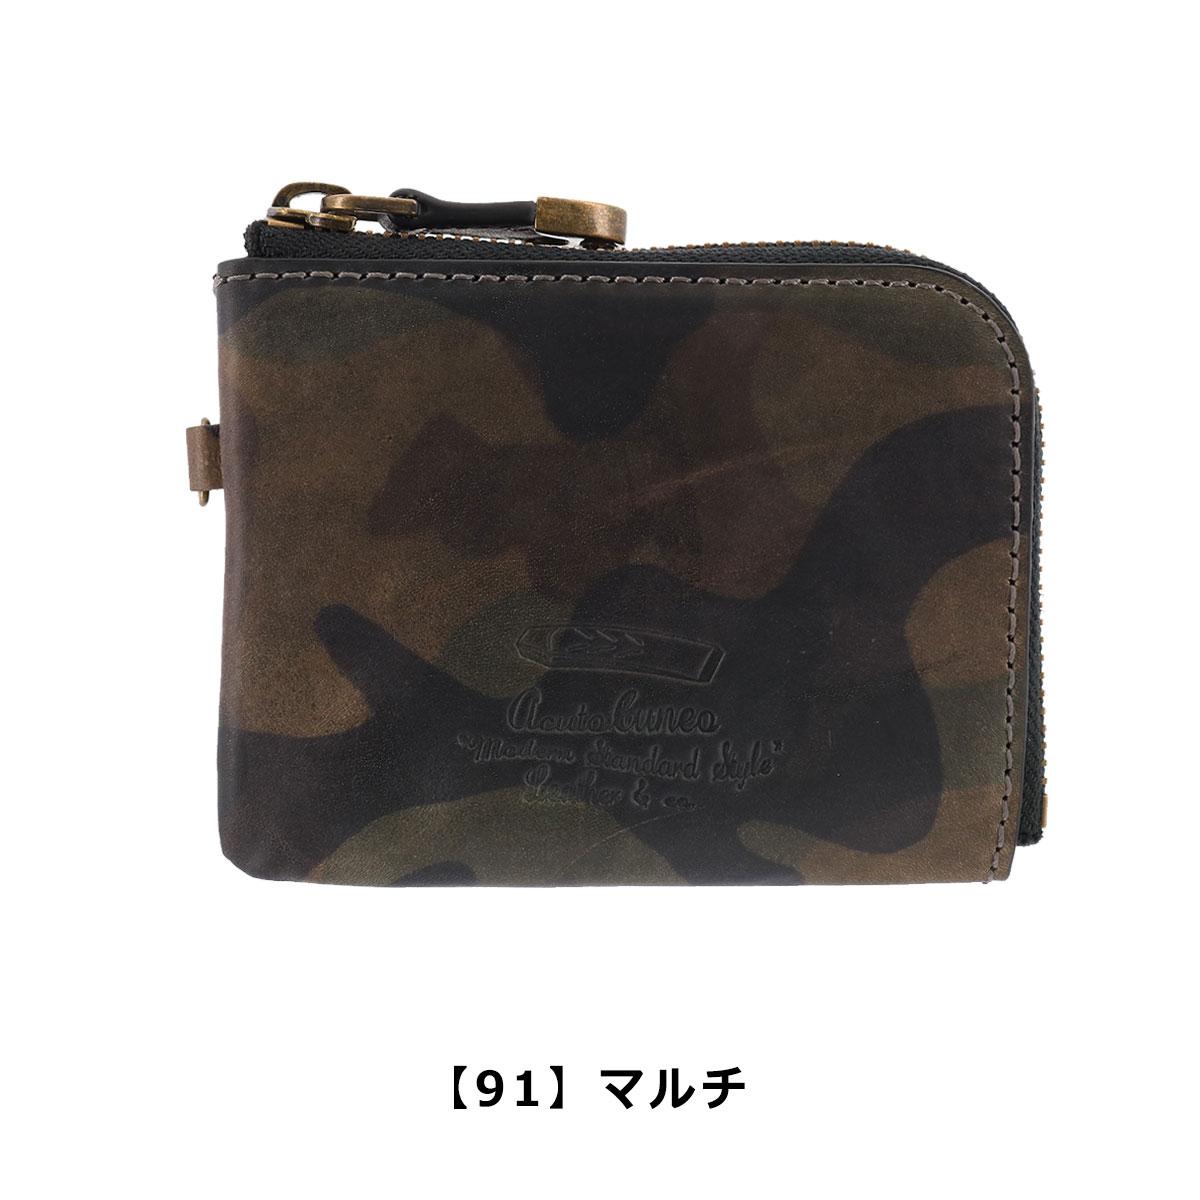 【91】マルチ